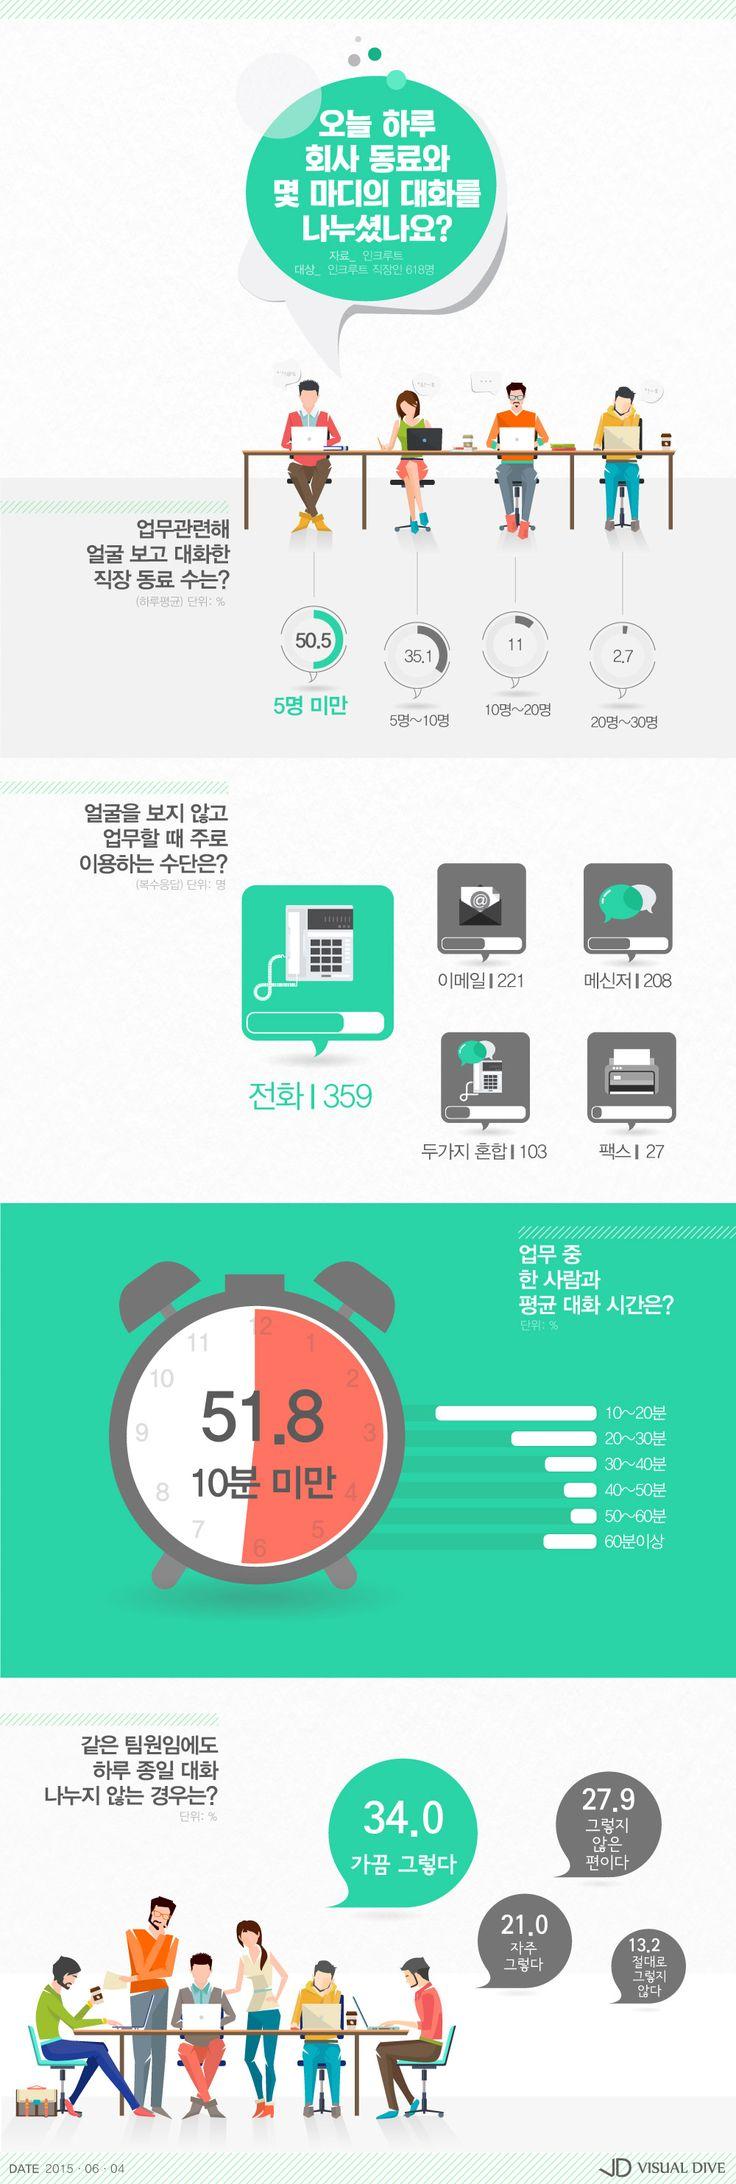 직장 동료와 대화 얼마나 하세요? [인포그래픽] #Talk / #Infographic ⓒ 비주얼다이브 무단 복사·전재·재배포 금지